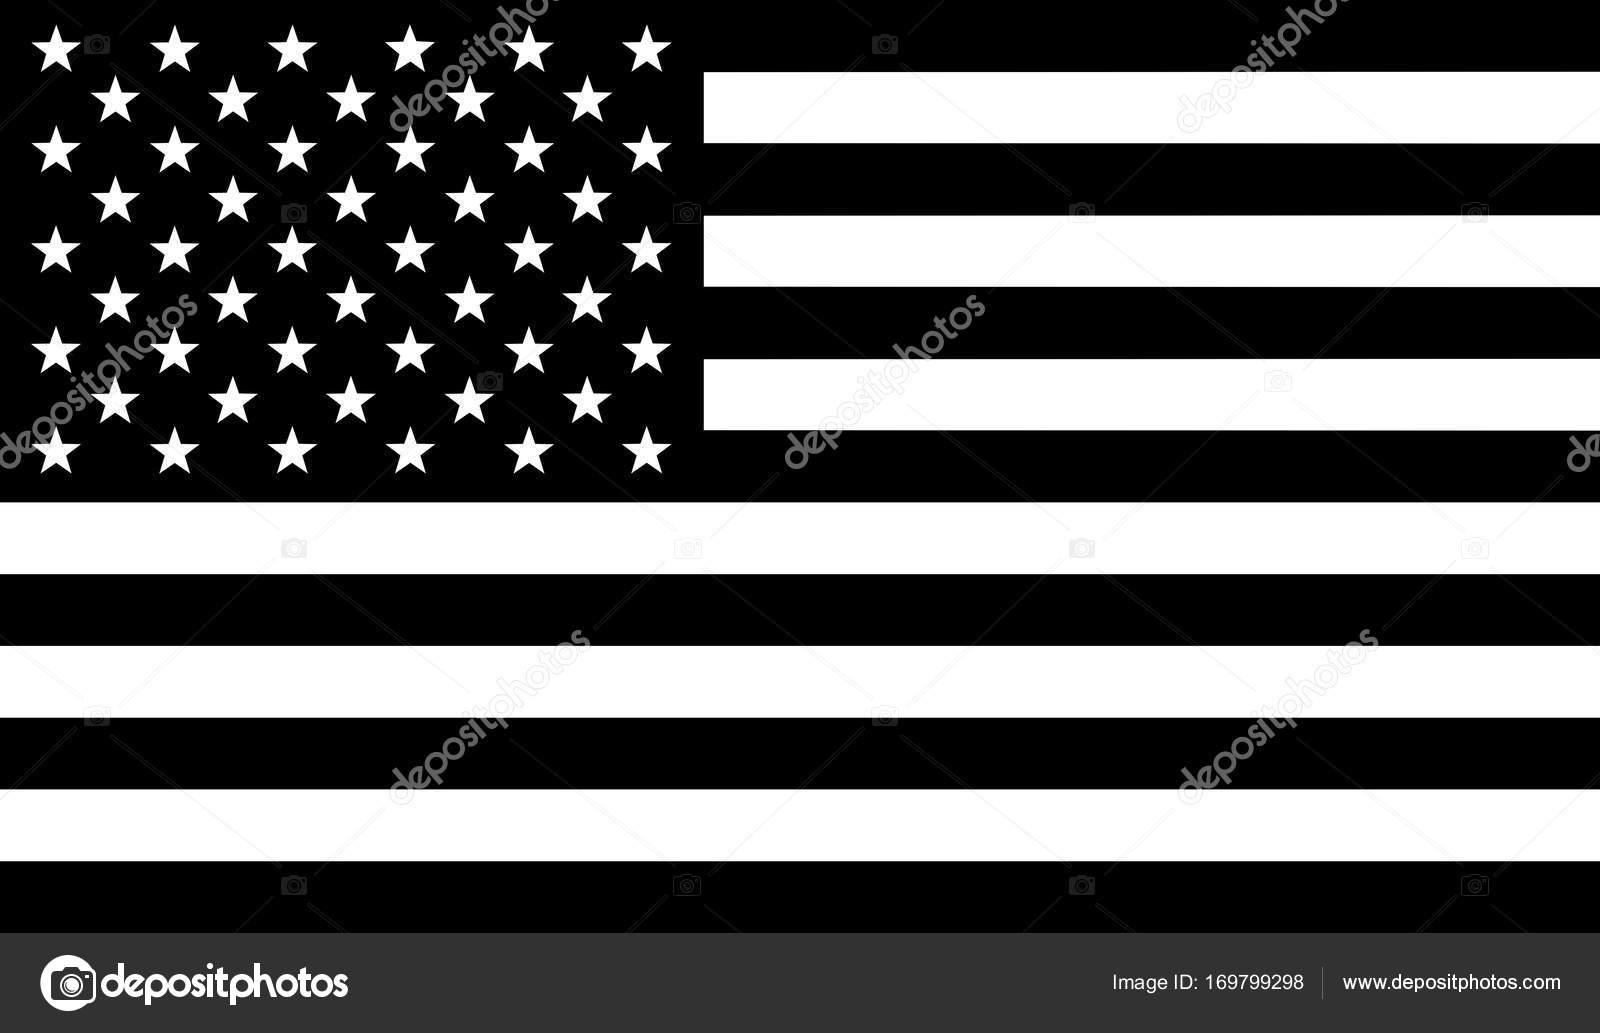 Flagge der Vereinigten Staaten von Amerika mit schwarzen und weißen ...